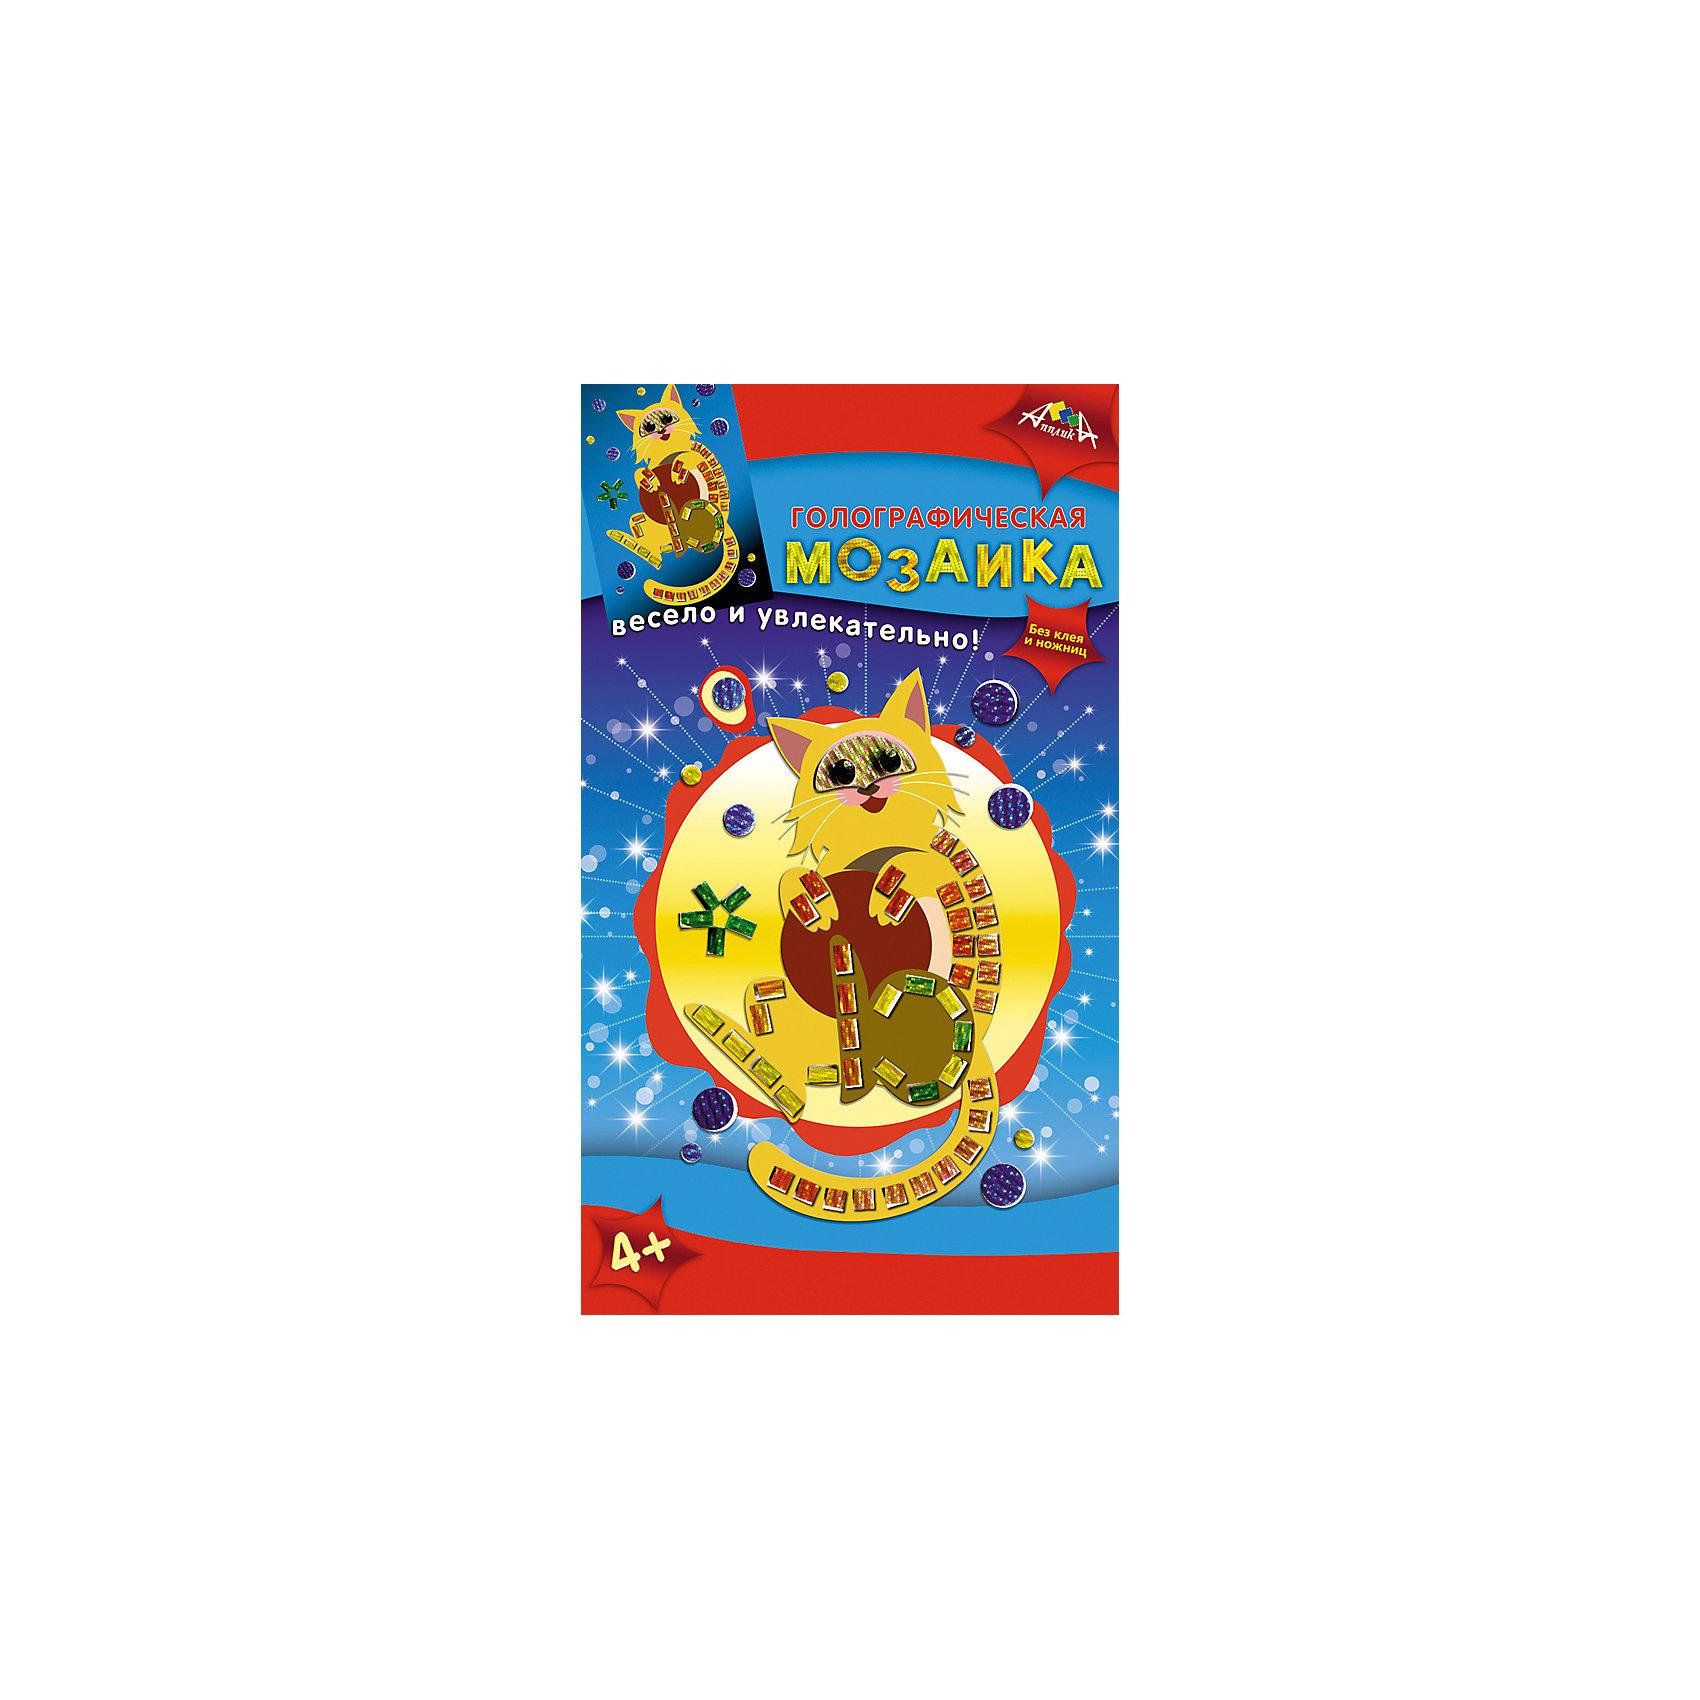 Набор для детского творчества Живые картинки: Мишка, Золотая рыбка, Кот, Веселая рыбкаПоследняя цена<br>Характеристики:<br><br>• возраст: от 4 лет<br>• комплектация: 4 набора (Голографическая мозаика 2 шт.; Гелевая мозаика; Веселая гравюра)<br>• в наборах «Голографическая мозаика»: цветная картонная основа А6, цветные пластиковые элементы с голографическим эффектом<br>• в наборе «Гелевая мозаика»: цветная картонная основа, цветные пластиковые элементы<br>• в наборе «Веселая гравюра»: картонная основа с нанесенным контуром, палочка-штихель<br>• размер упаковки: 28,5х17,5х1,2 см.<br>• вес: 135 гр.<br><br>Набор для творчества содержит гравюру для маленьких и три мозаики (две голографические и гелевую).<br><br>В набор «Веселая гравюра» входит плотный картон со специальным покрытием, на который нанесен рисунок. С помощью специальной палочки-штихеля изображение процарапывается, и из-под слоя краски появляется контрастный рисунок с изображением рыбки.<br><br>Наборы мозаик позволят создать замечательные картинки с изображением медвежонка (гелевая мозаика), золотой рыбки и кота (голографическая мозаика). Процесс создания картин прост. Для работы не потребуется ни клея, ни ножниц. На цветную картонную основу нужно приклеить элементы из самоклеящегося пластика. Картинку на упаковке можно использовать как образец.<br><br>Набор для детского творчества «Живые картинки» способствует формированию у ребенка усидчивости, внимательности и аккуратности, развивает мелкую моторику рук.<br><br>Набор для детского творчества «Живые картинки: Мишка, Золотая рыбка, Кот, Веселая рыбка» можно купить в нашем интернет-магазине.<br><br>Ширина мм: 285<br>Глубина мм: 175<br>Высота мм: 12<br>Вес г: 135<br>Возраст от месяцев: 48<br>Возраст до месяцев: 2147483647<br>Пол: Унисекс<br>Возраст: Детский<br>SKU: 7033662